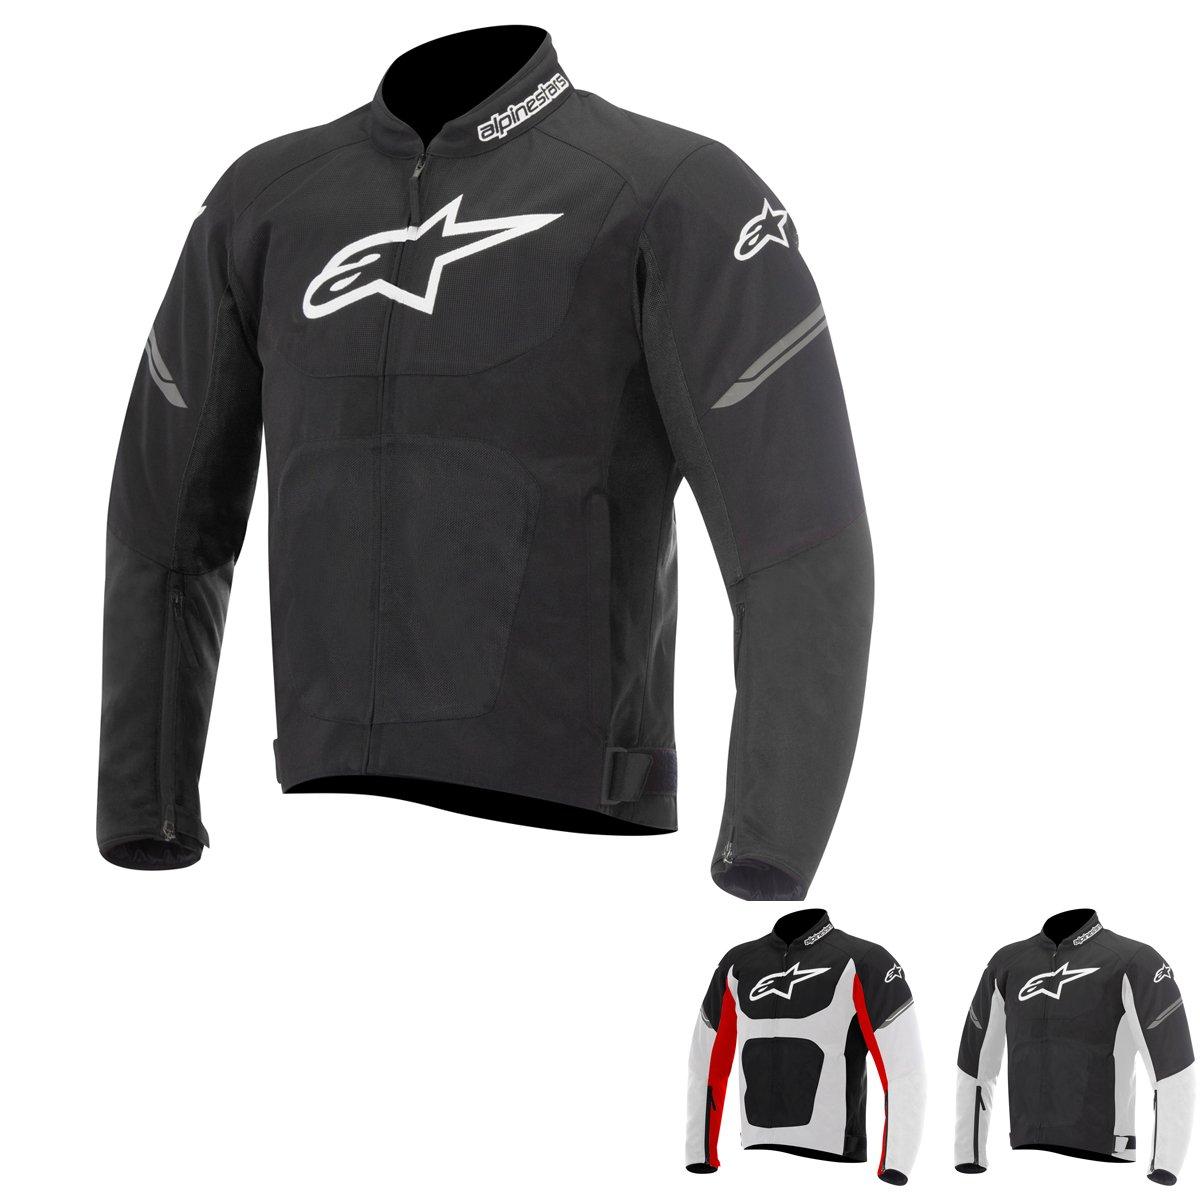 Alpinestars Viper Air Men's Street Motorcycle Jackets - Black/Medium